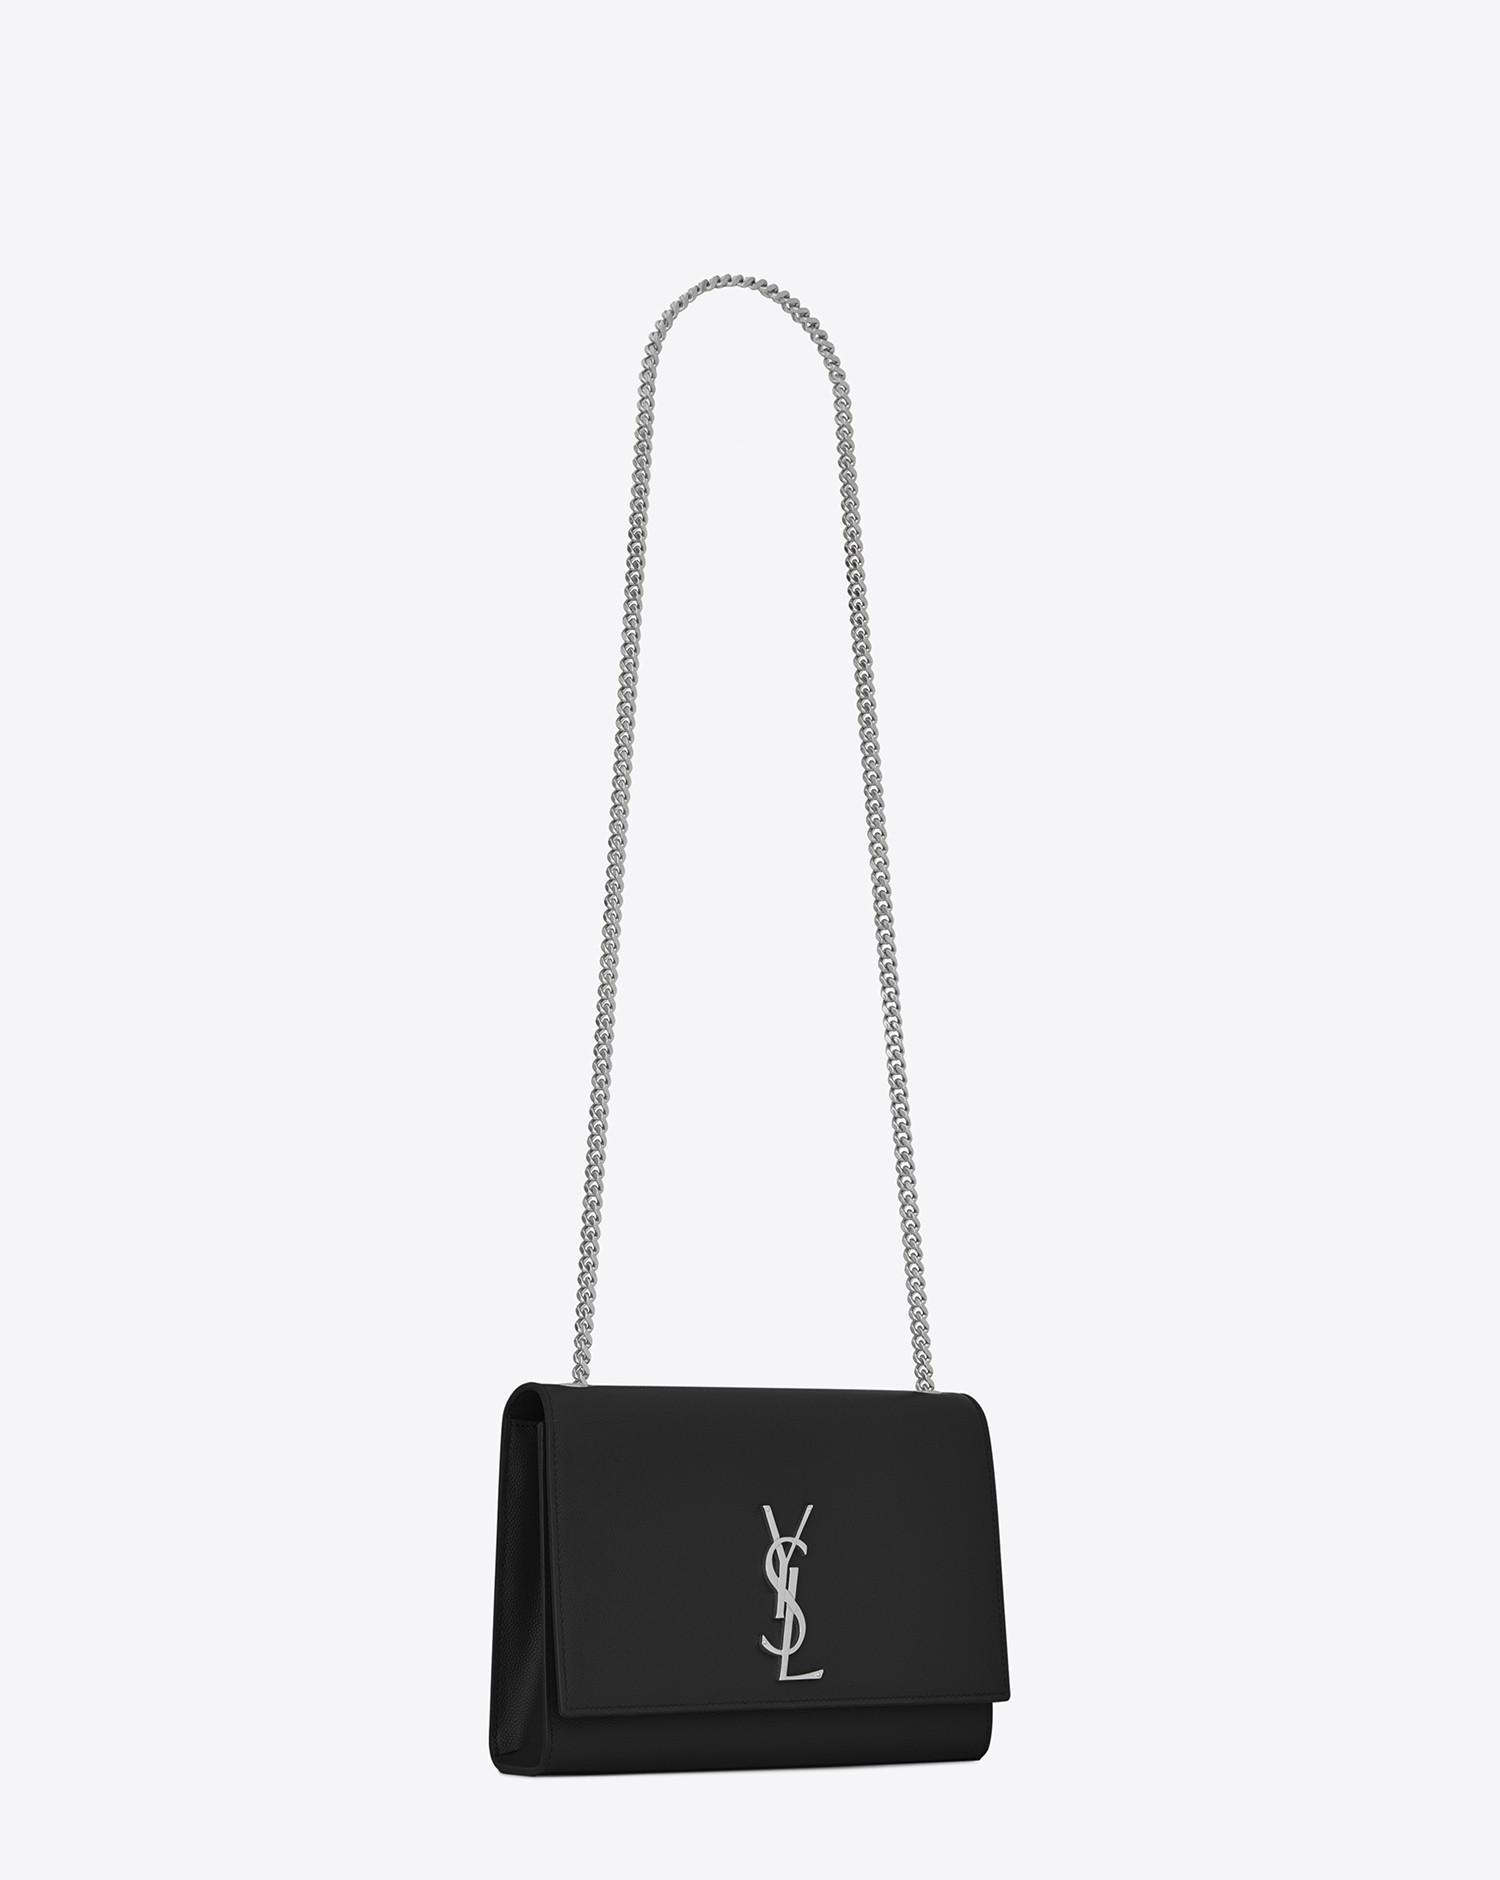 81e079f99e8 Saint Laurent Classic Medium Kate Satchel In Black Grain De Poudre ...